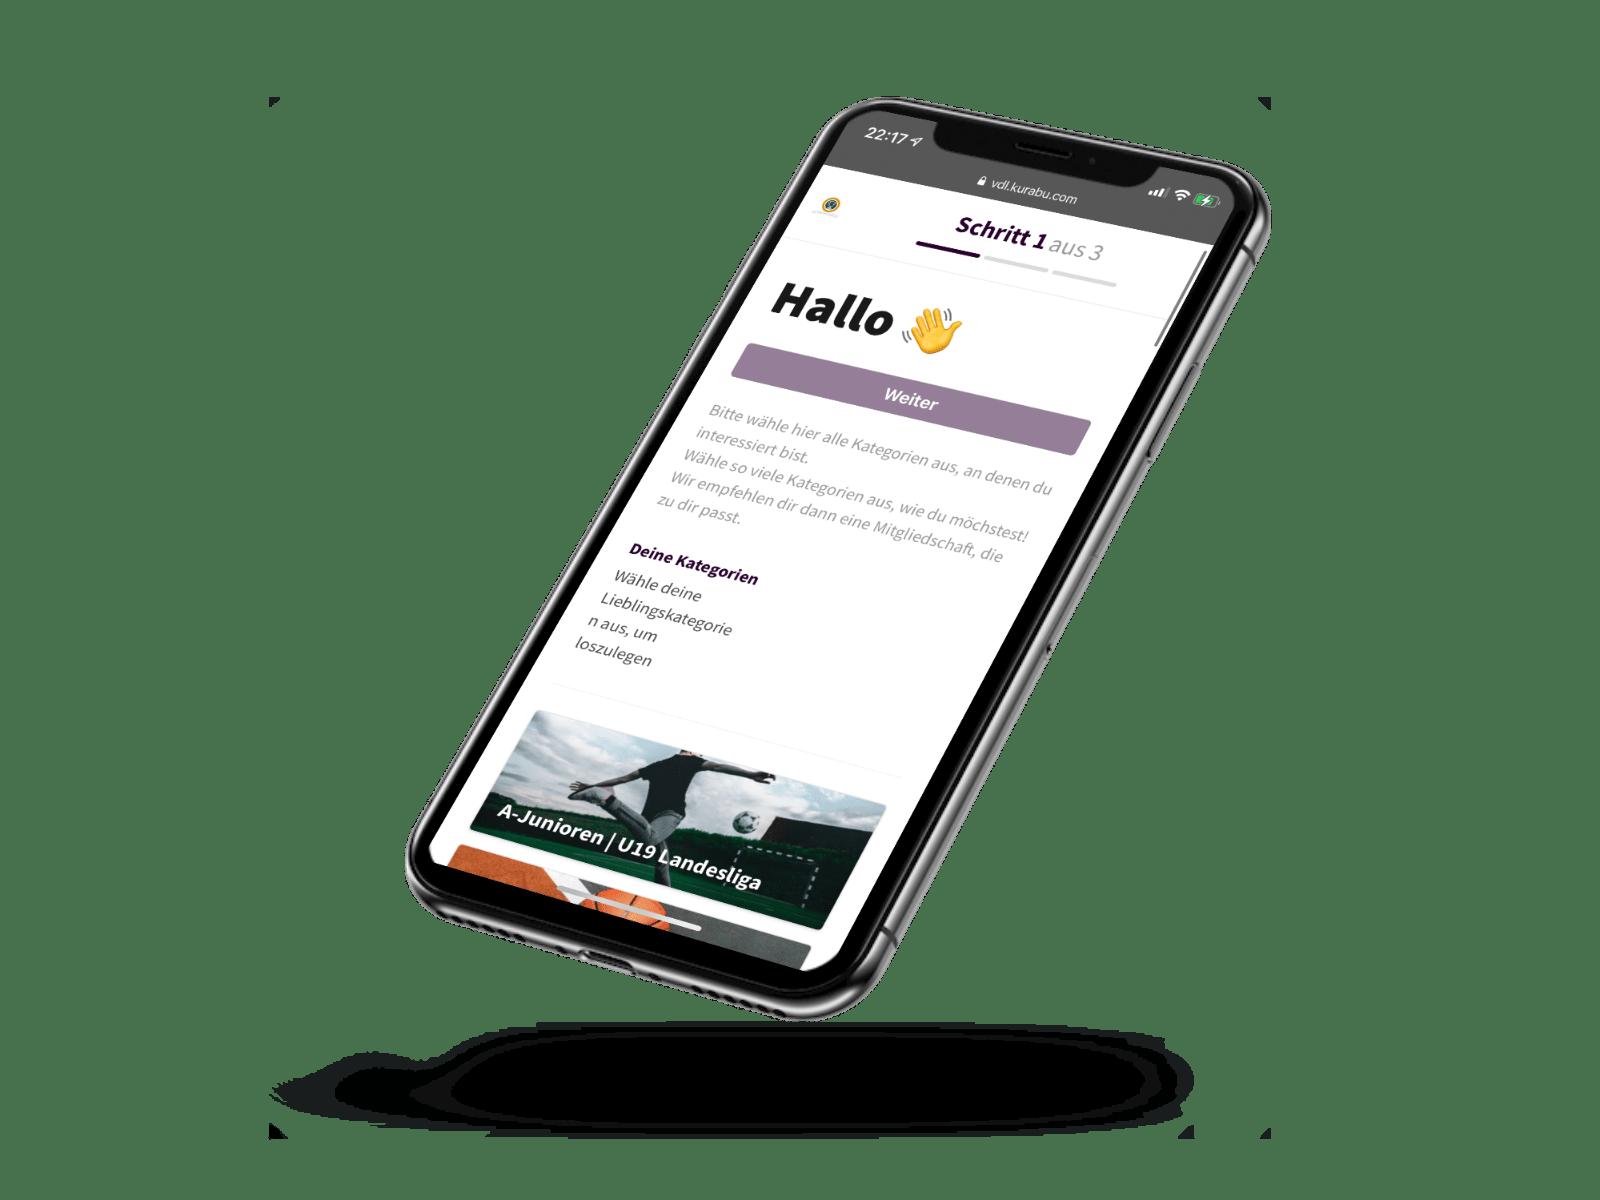 Der Online Mitgliedsantrag wird auf einem Handy dargestellt und man liest Hallo